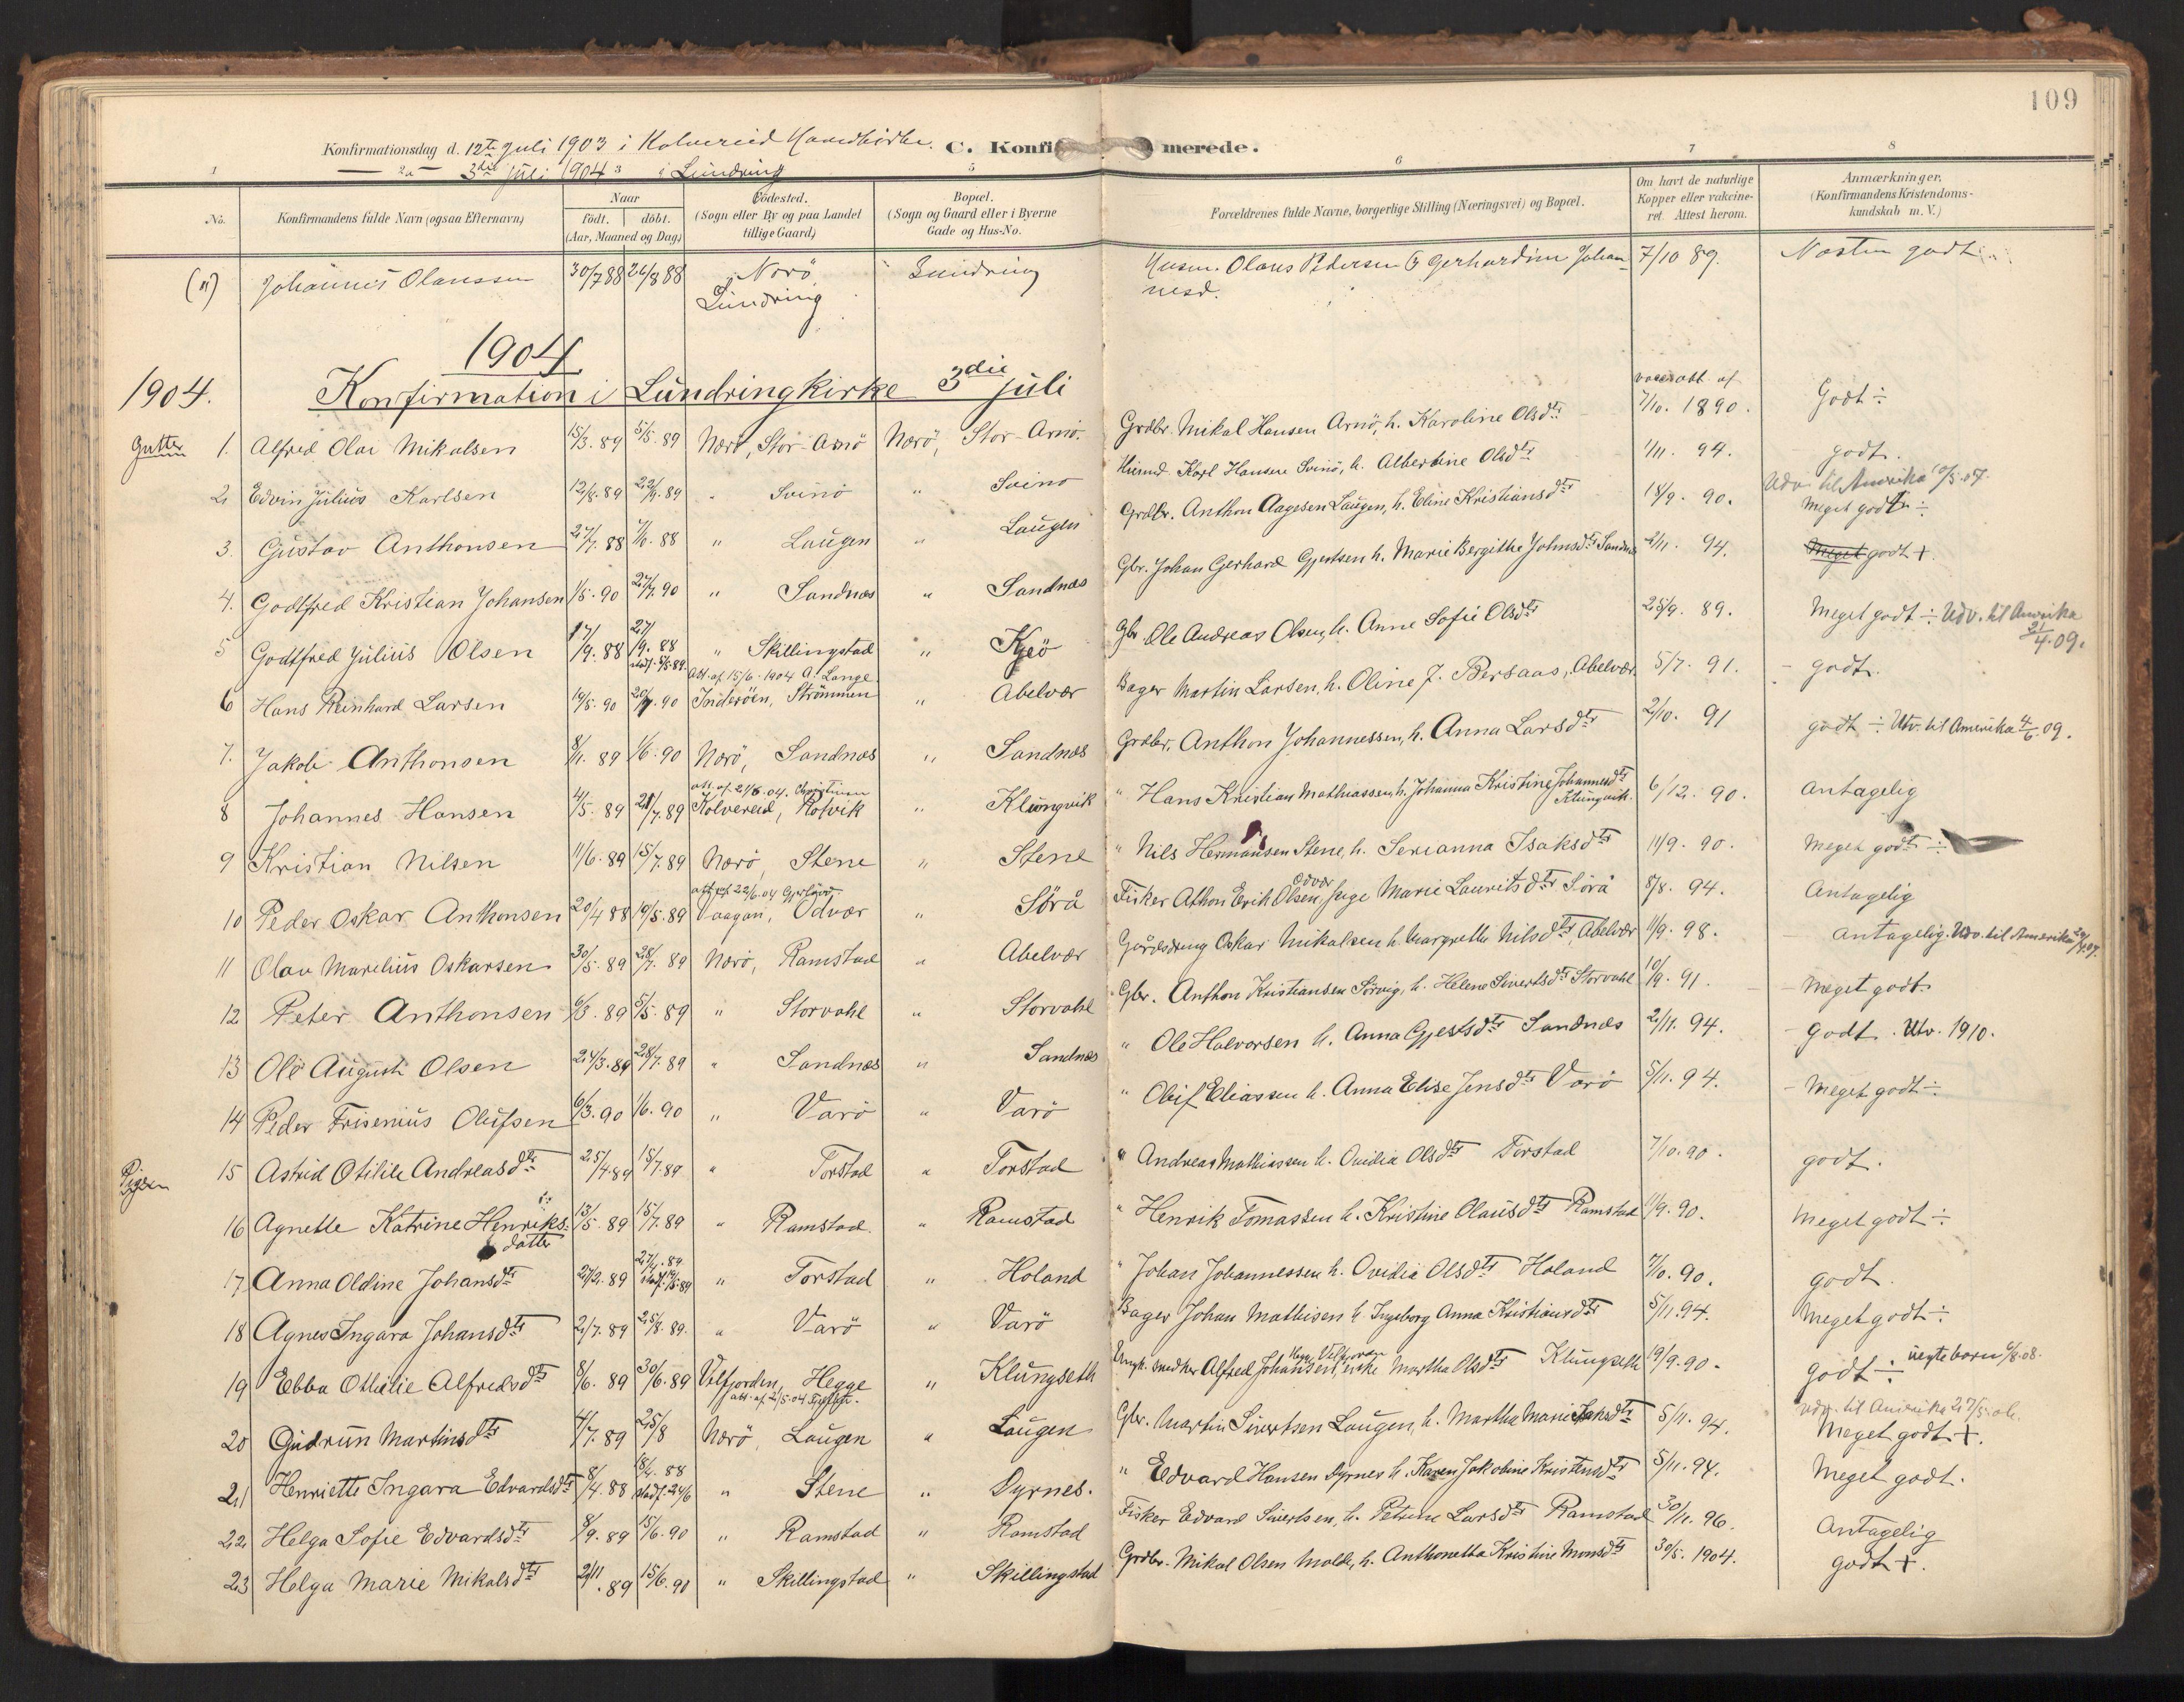 SAT, Ministerialprotokoller, klokkerbøker og fødselsregistre - Nord-Trøndelag, 784/L0677: Ministerialbok nr. 784A12, 1900-1920, s. 109